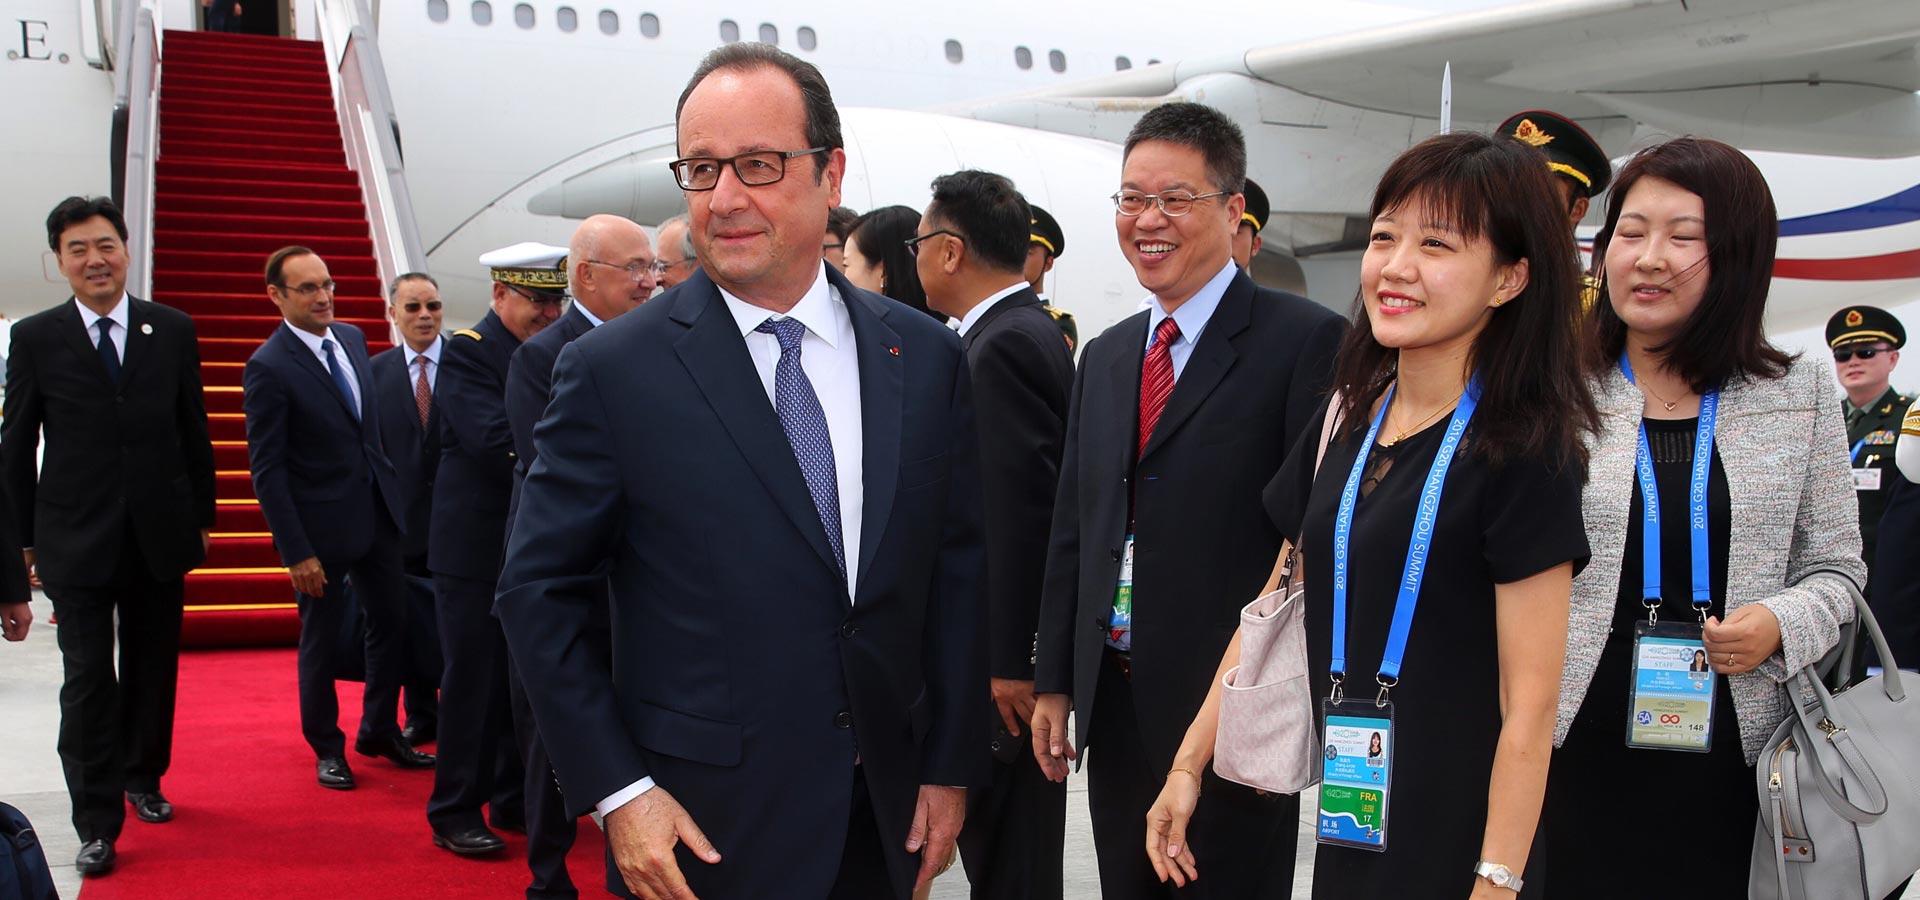 法國總統奧朗德抵達杭州